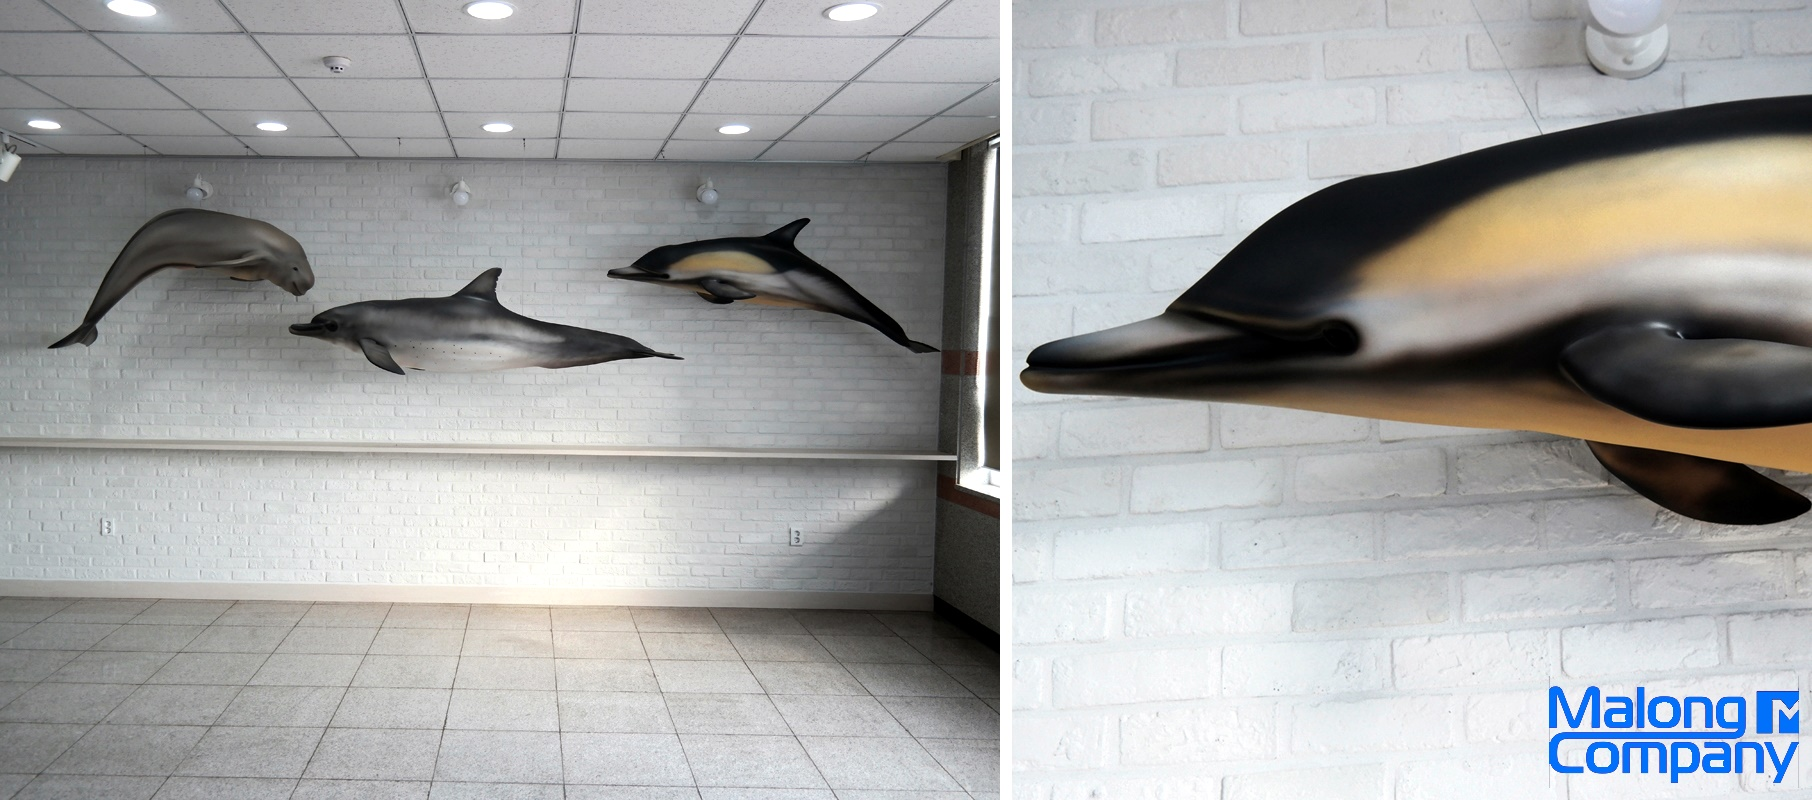 동물 조형물 설치 상징 조형물 디자인 부산 조형물 설계 대구 조형물 제작 포토존 제작 스티로폼 모형 제작 스티로폼 조각 고래 조형물 보수